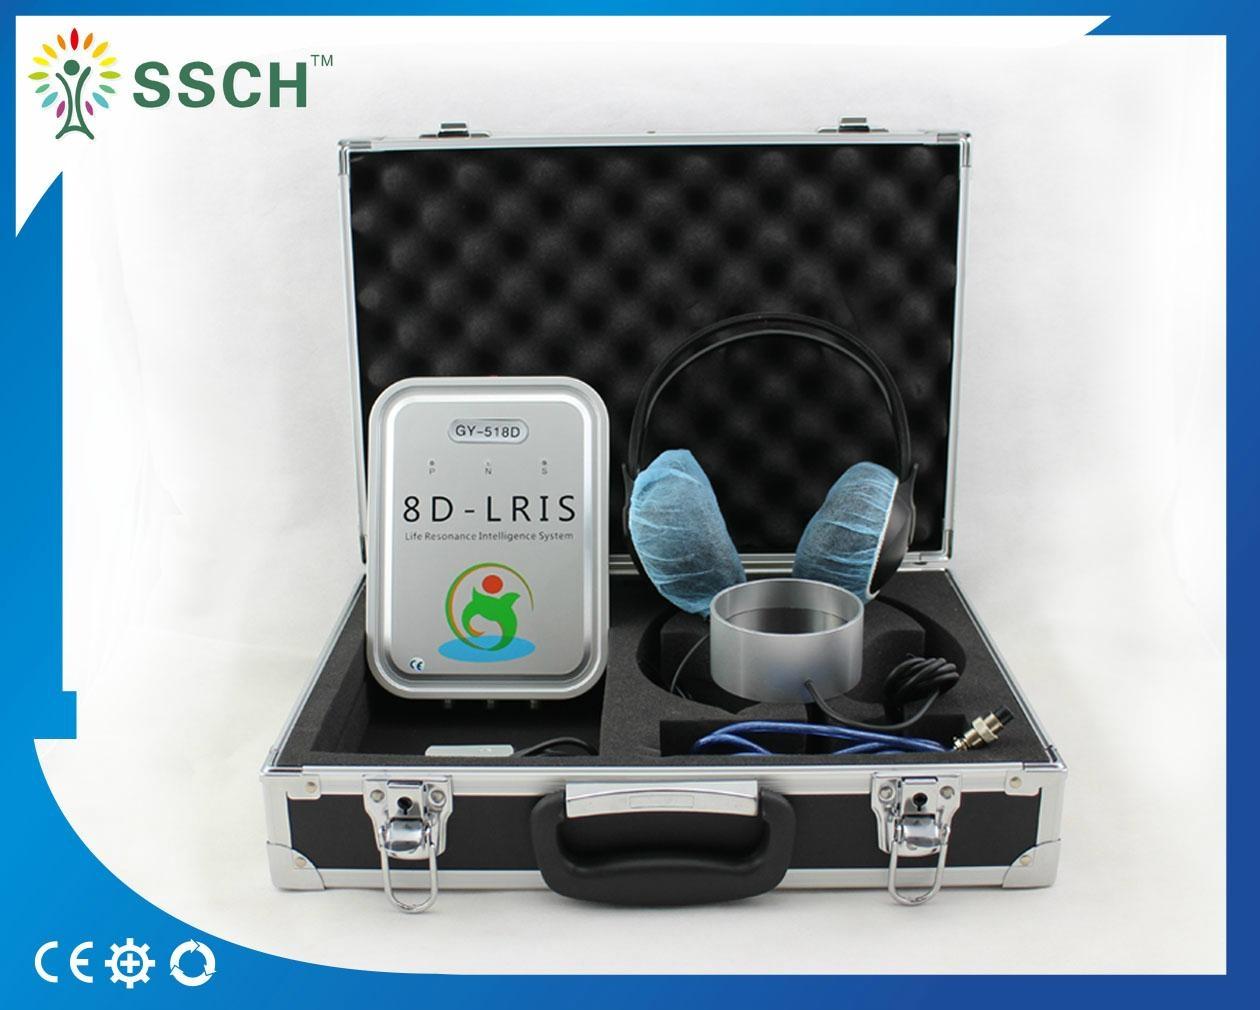 生物共振技術狀況分析器8D NLS 2